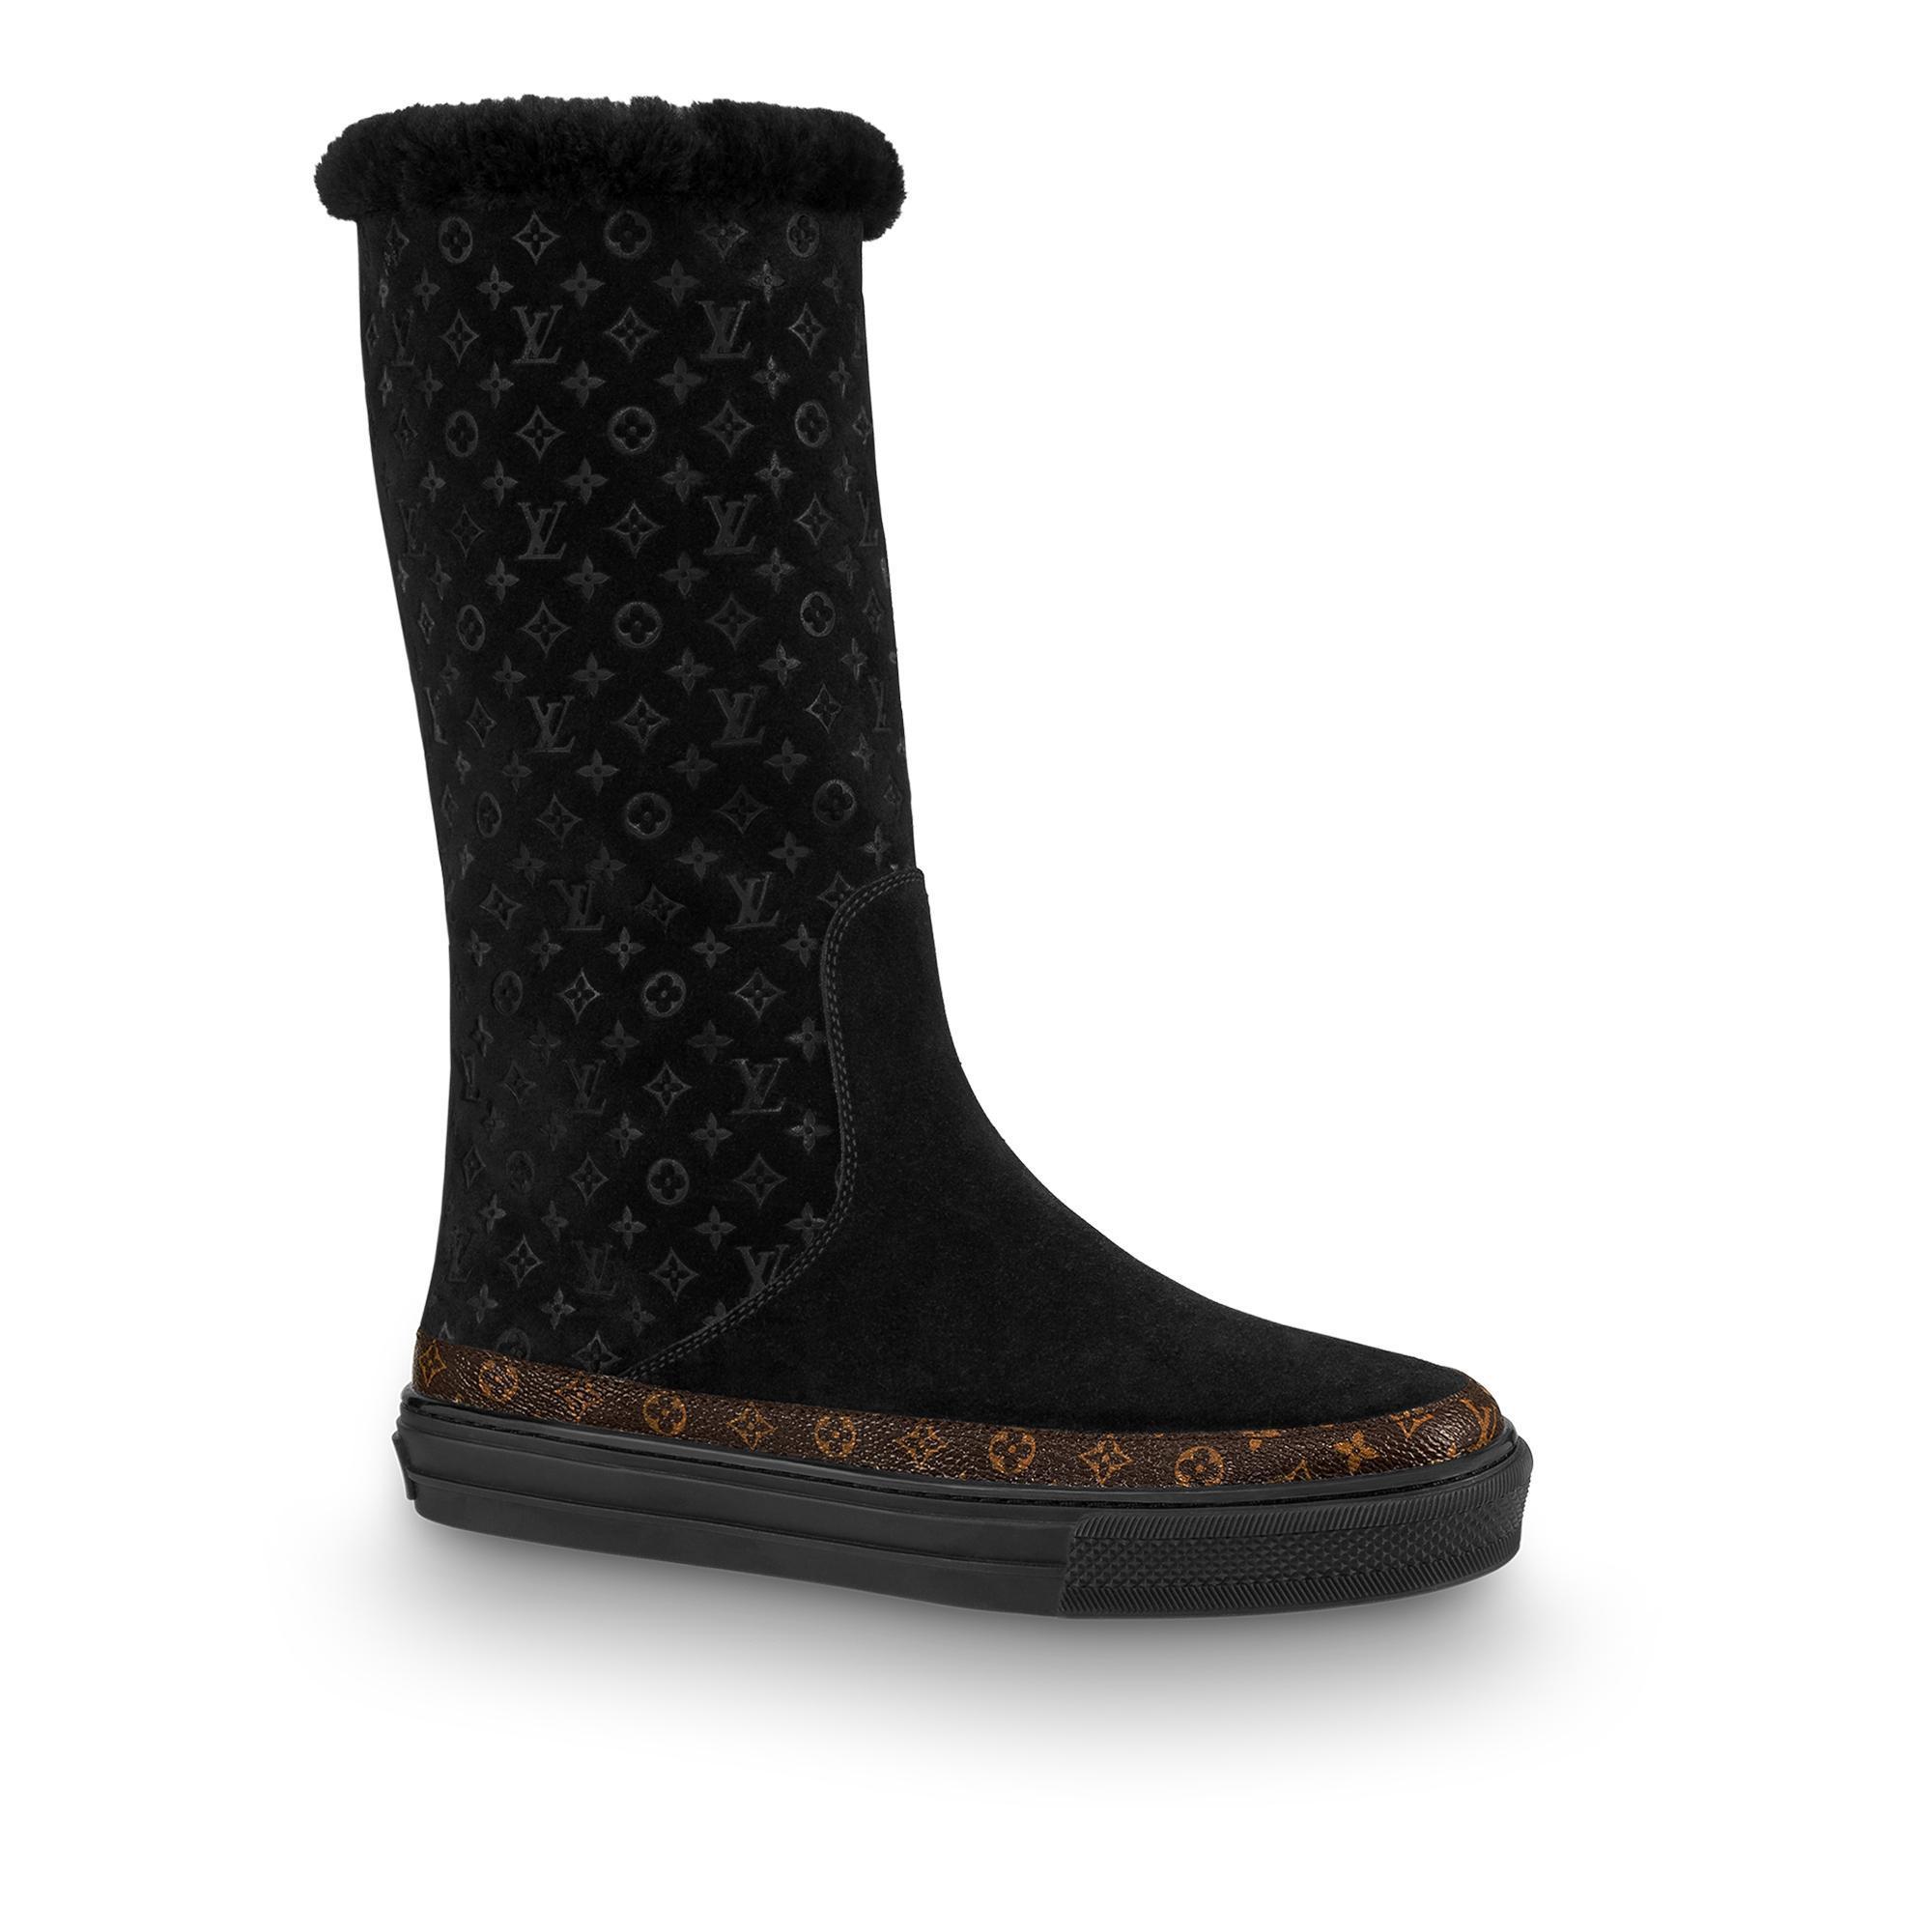 4dde8d8ca0 Snowball Flat Half Boot in Noir